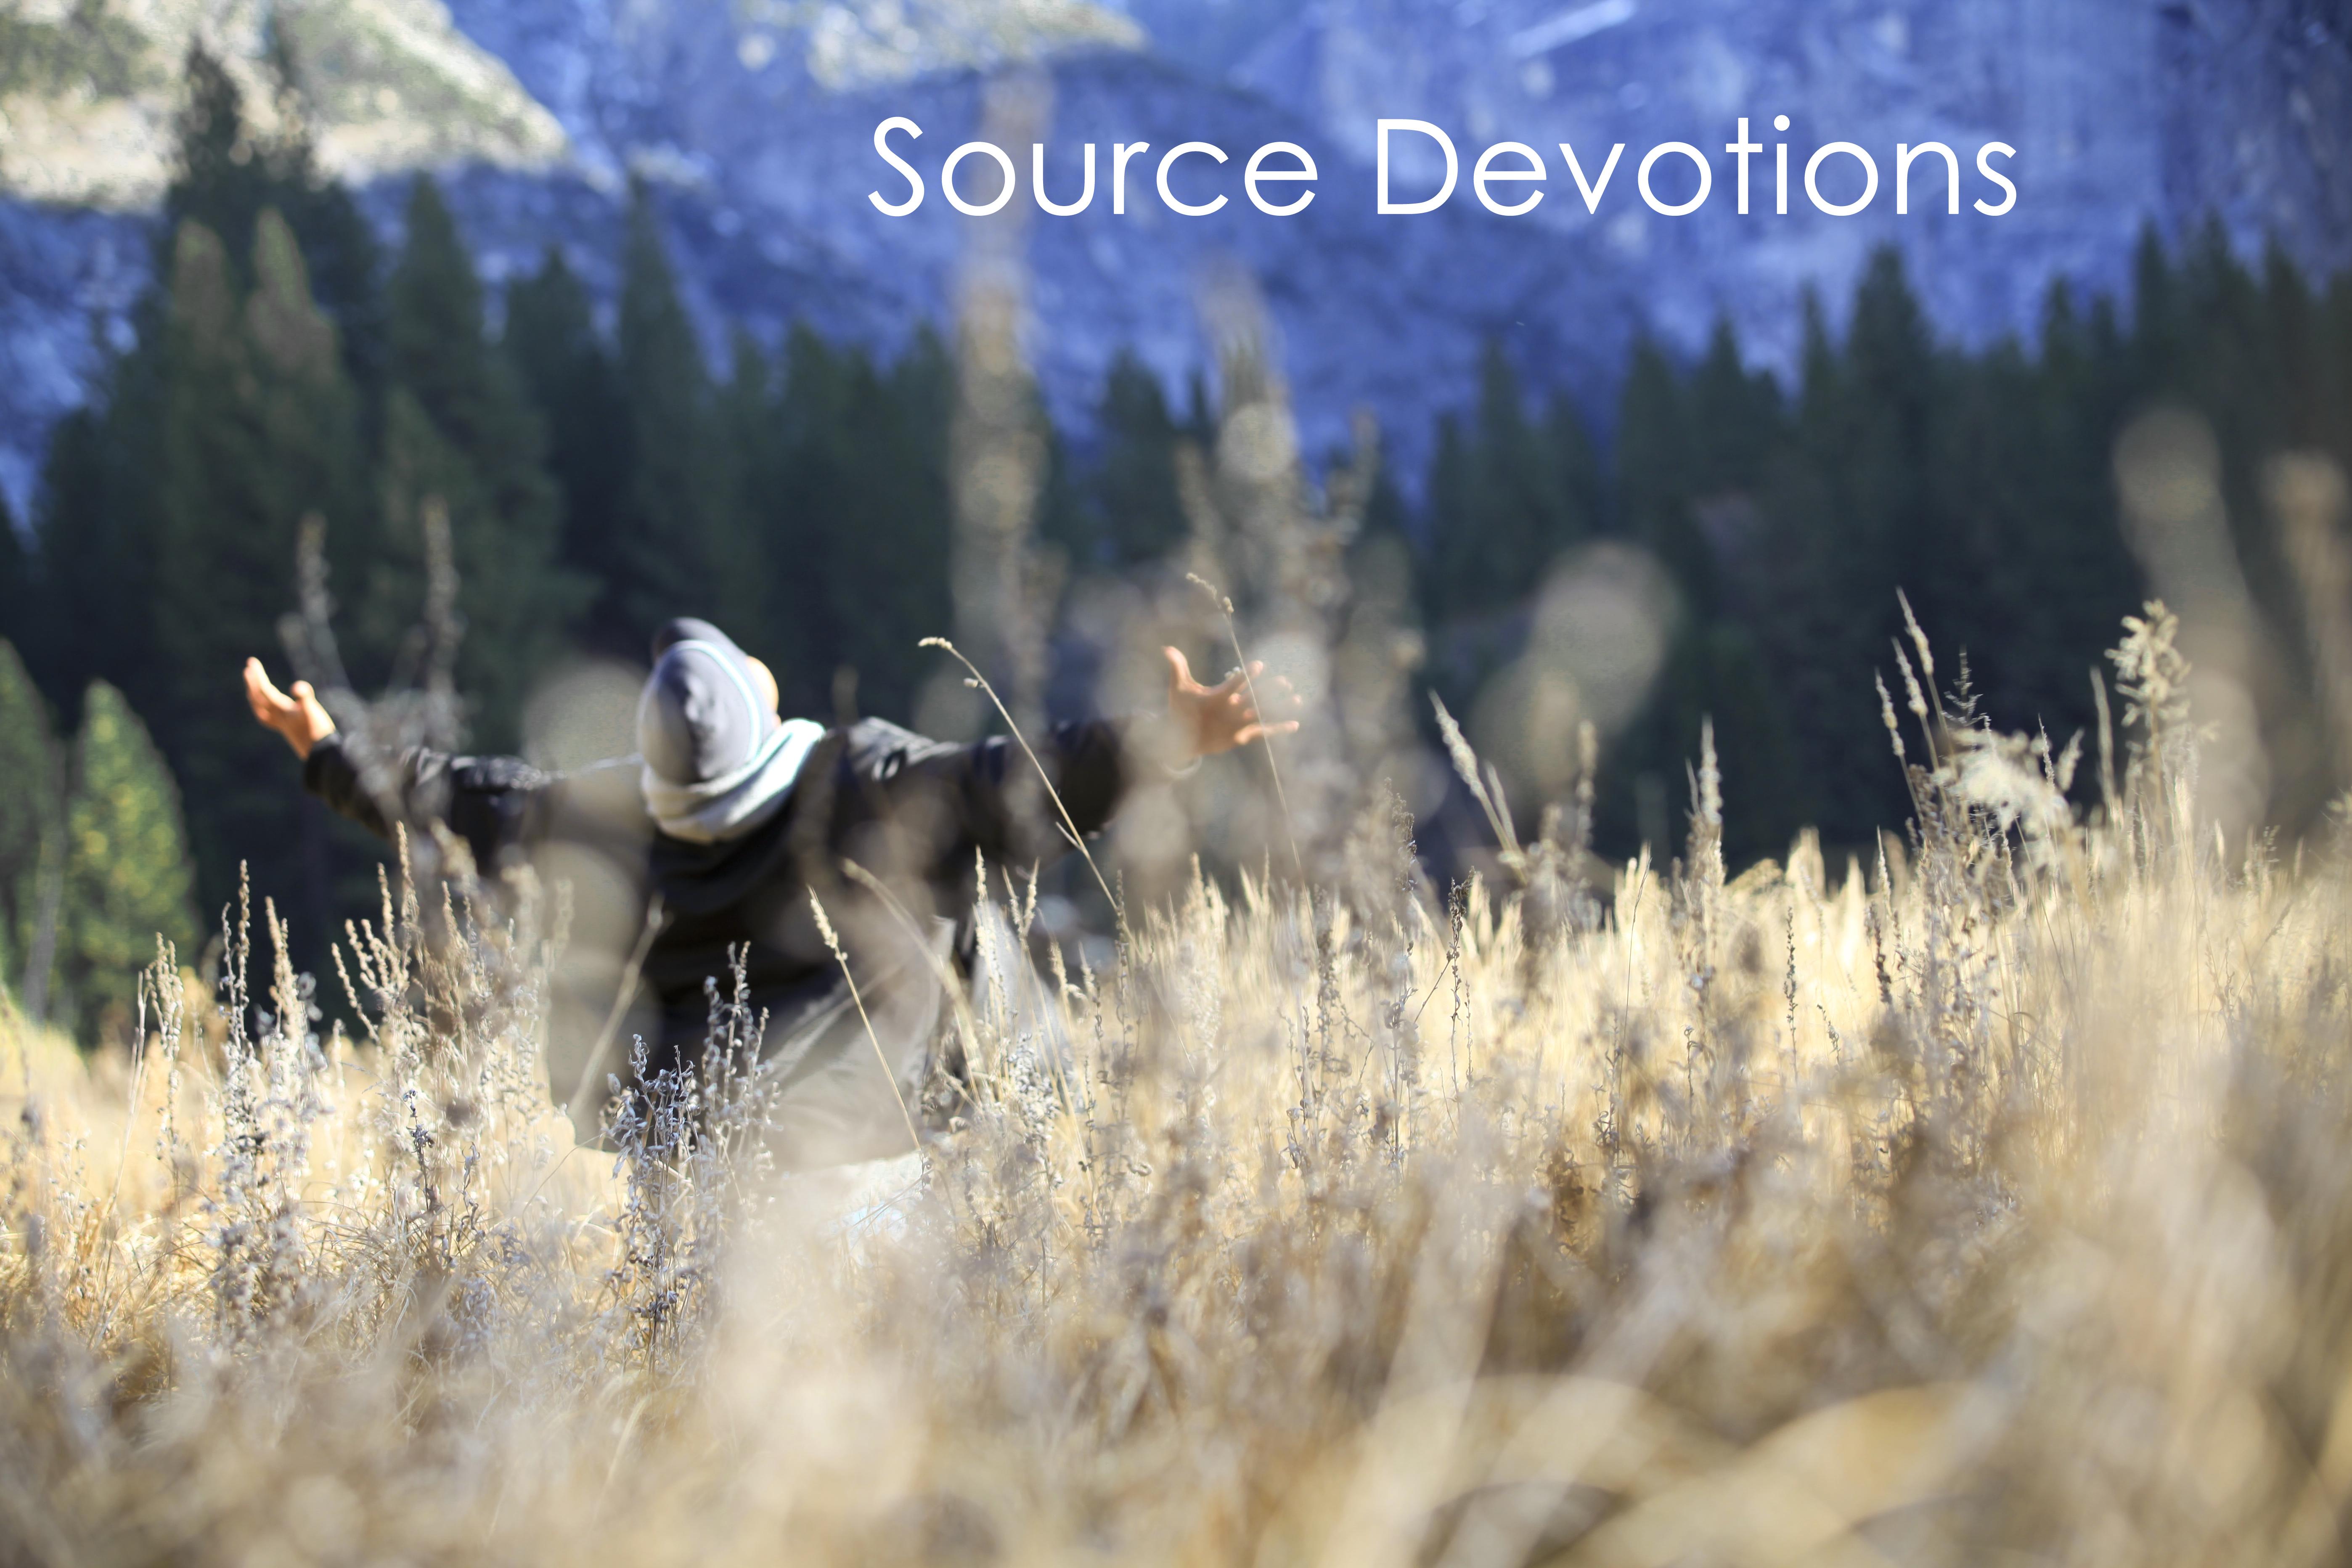 Devotion: Freedom